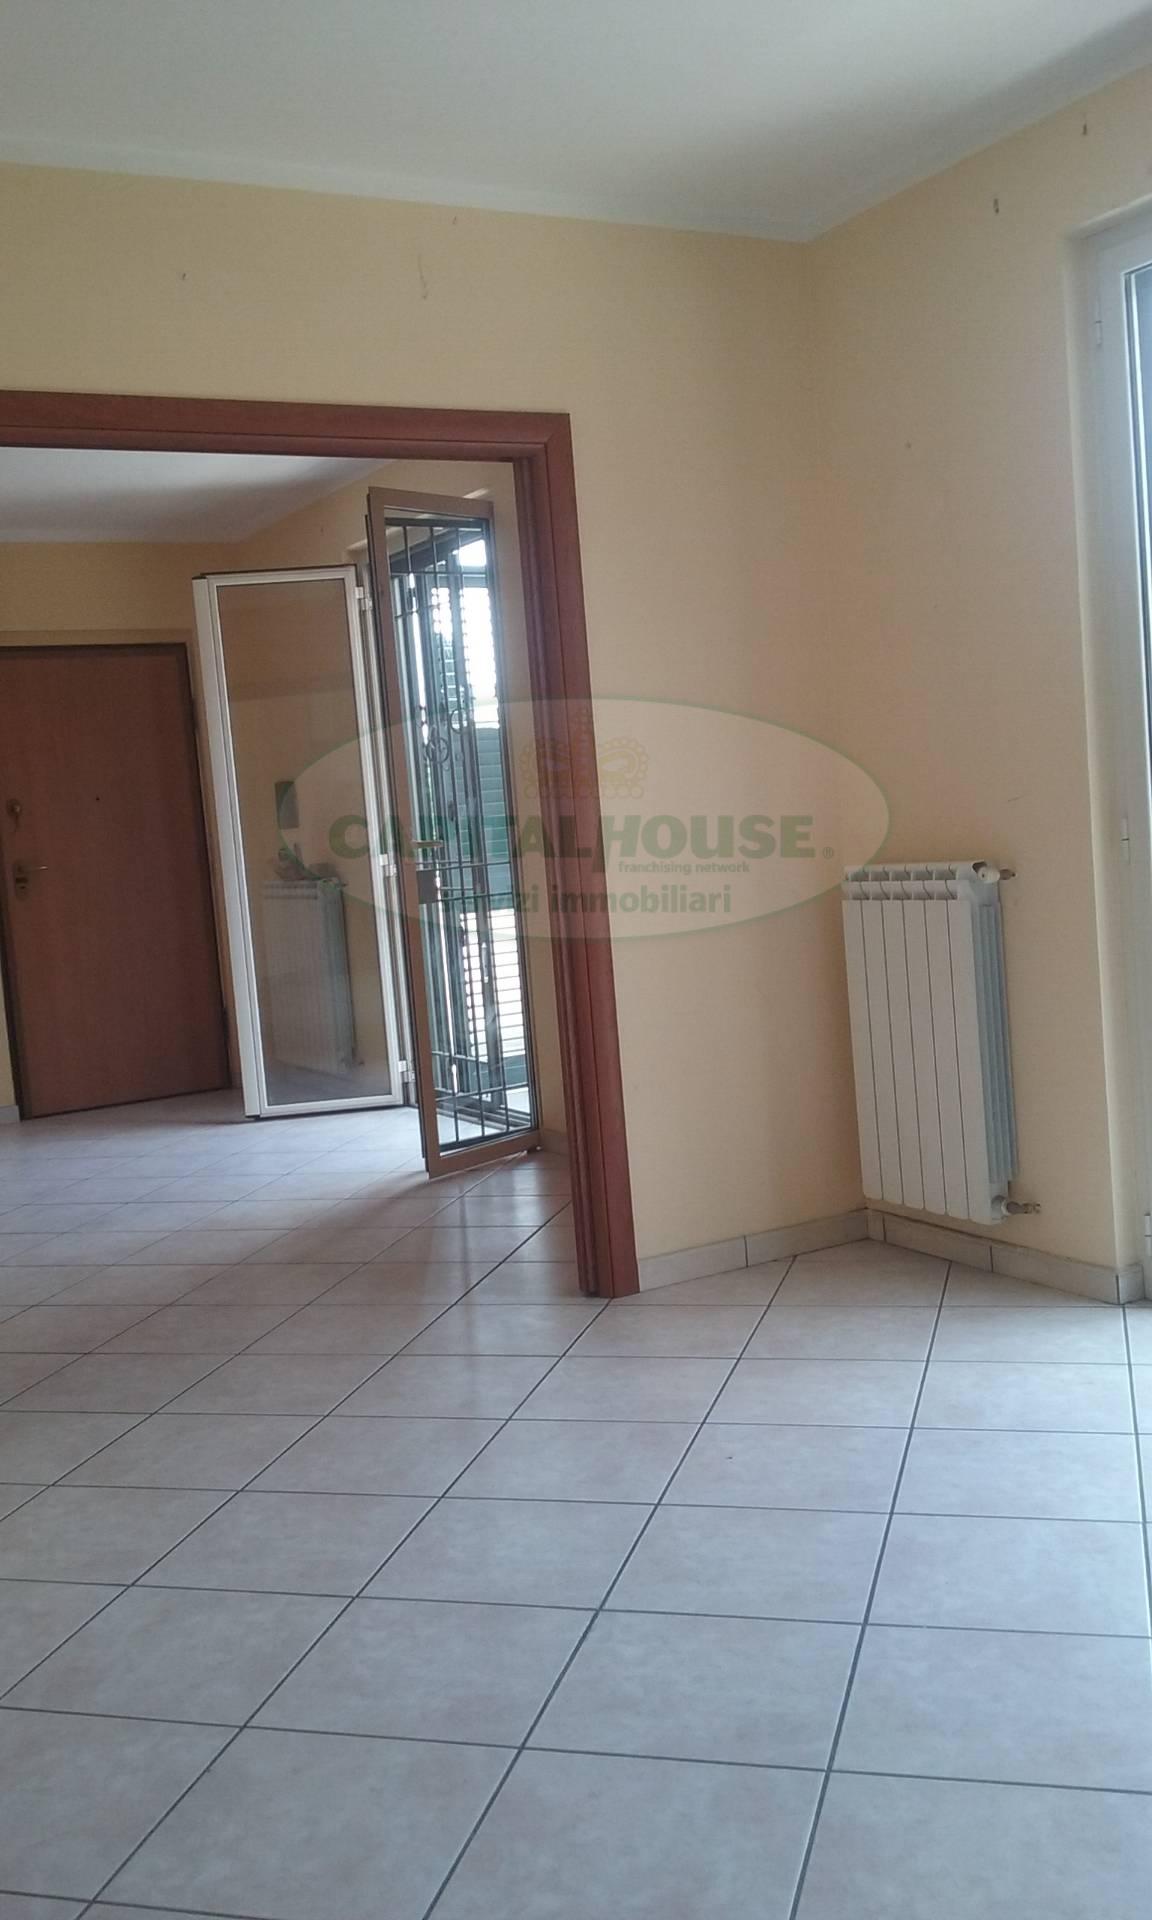 Appartamento in vendita a Macerata Campania, 3 locali, zona Zona: Caturano, prezzo € 105.000 | Cambio Casa.it